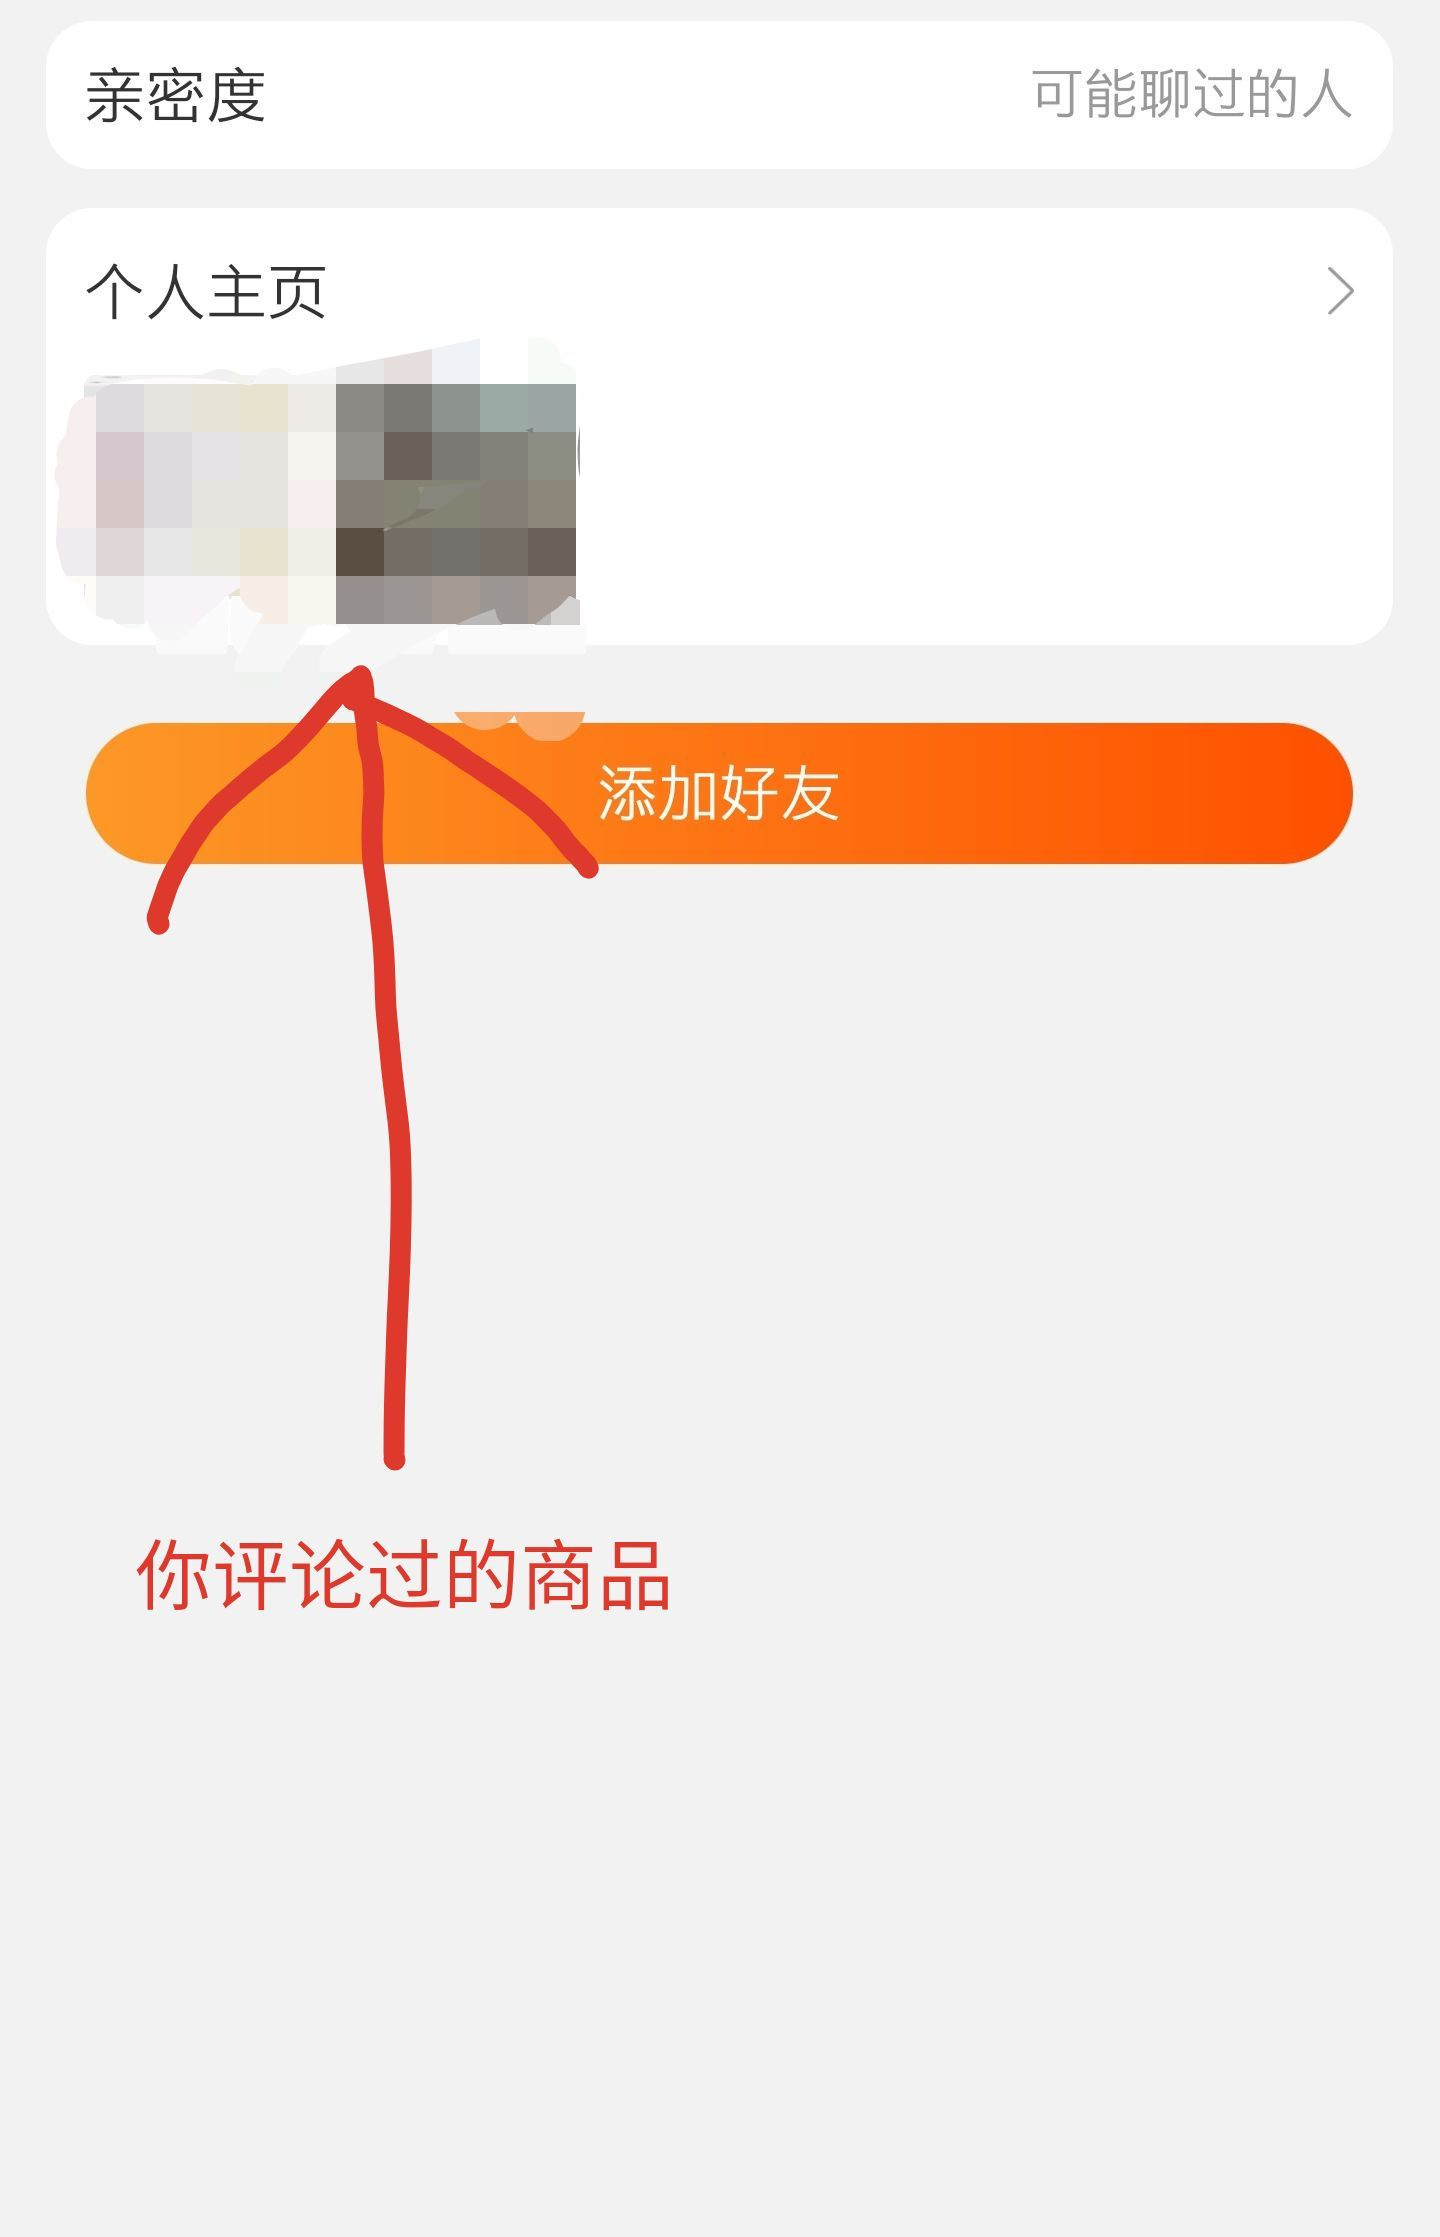 【女生注意】分享X宝链接可能泄露隐私与被骚扰的防范对策